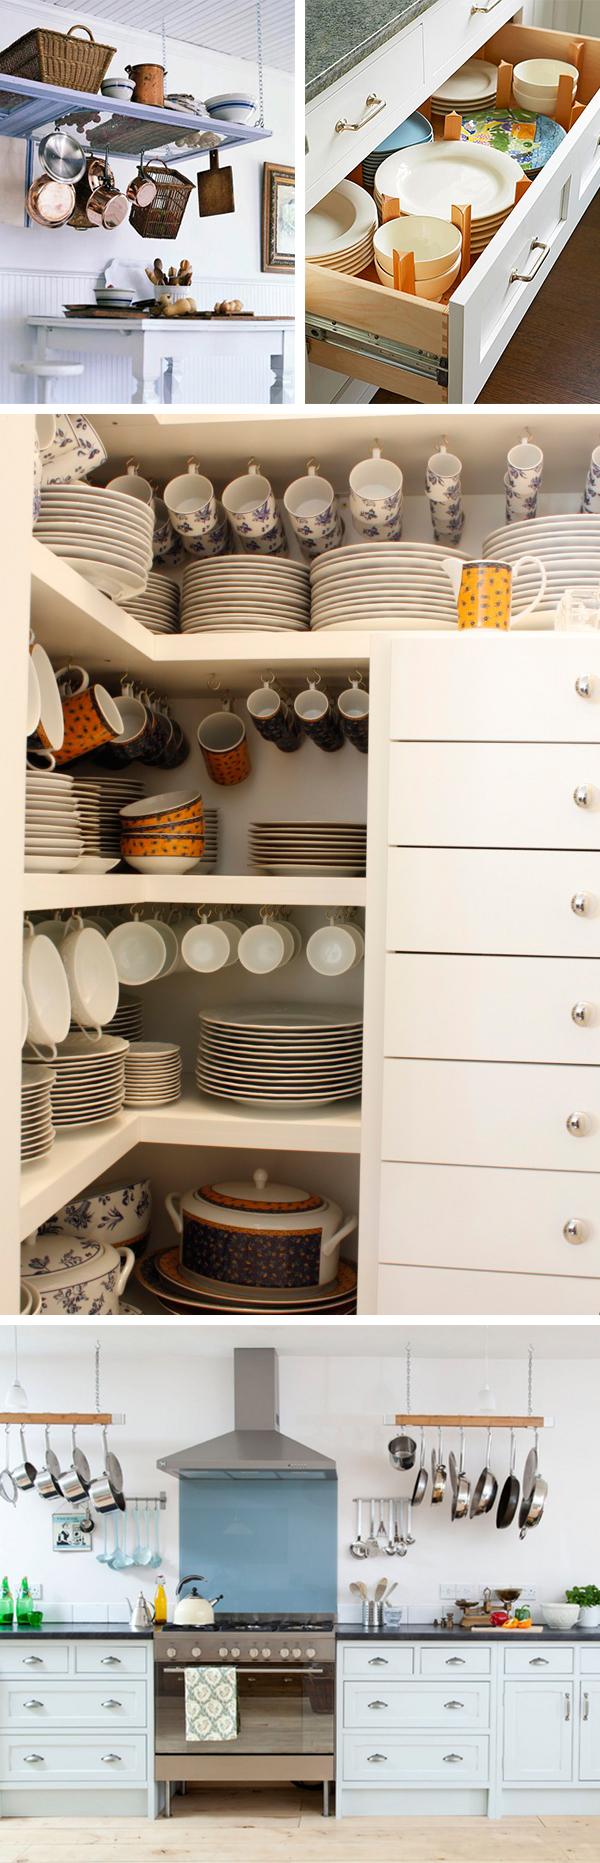 Como manter a casa organizada 6